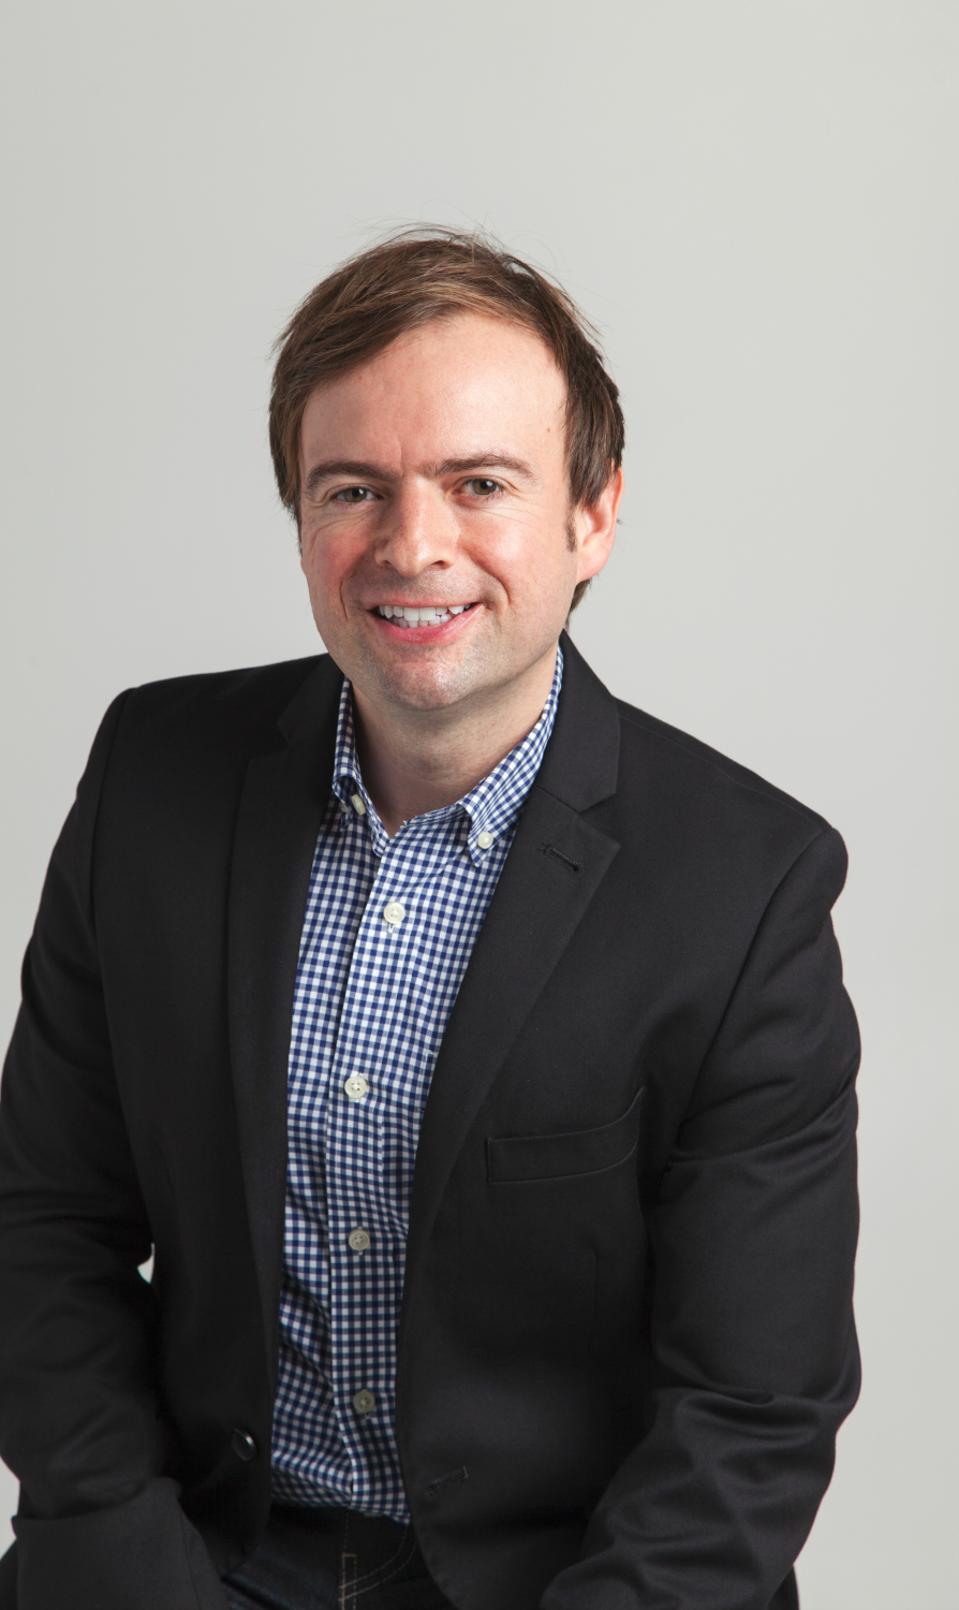 Marc Graser